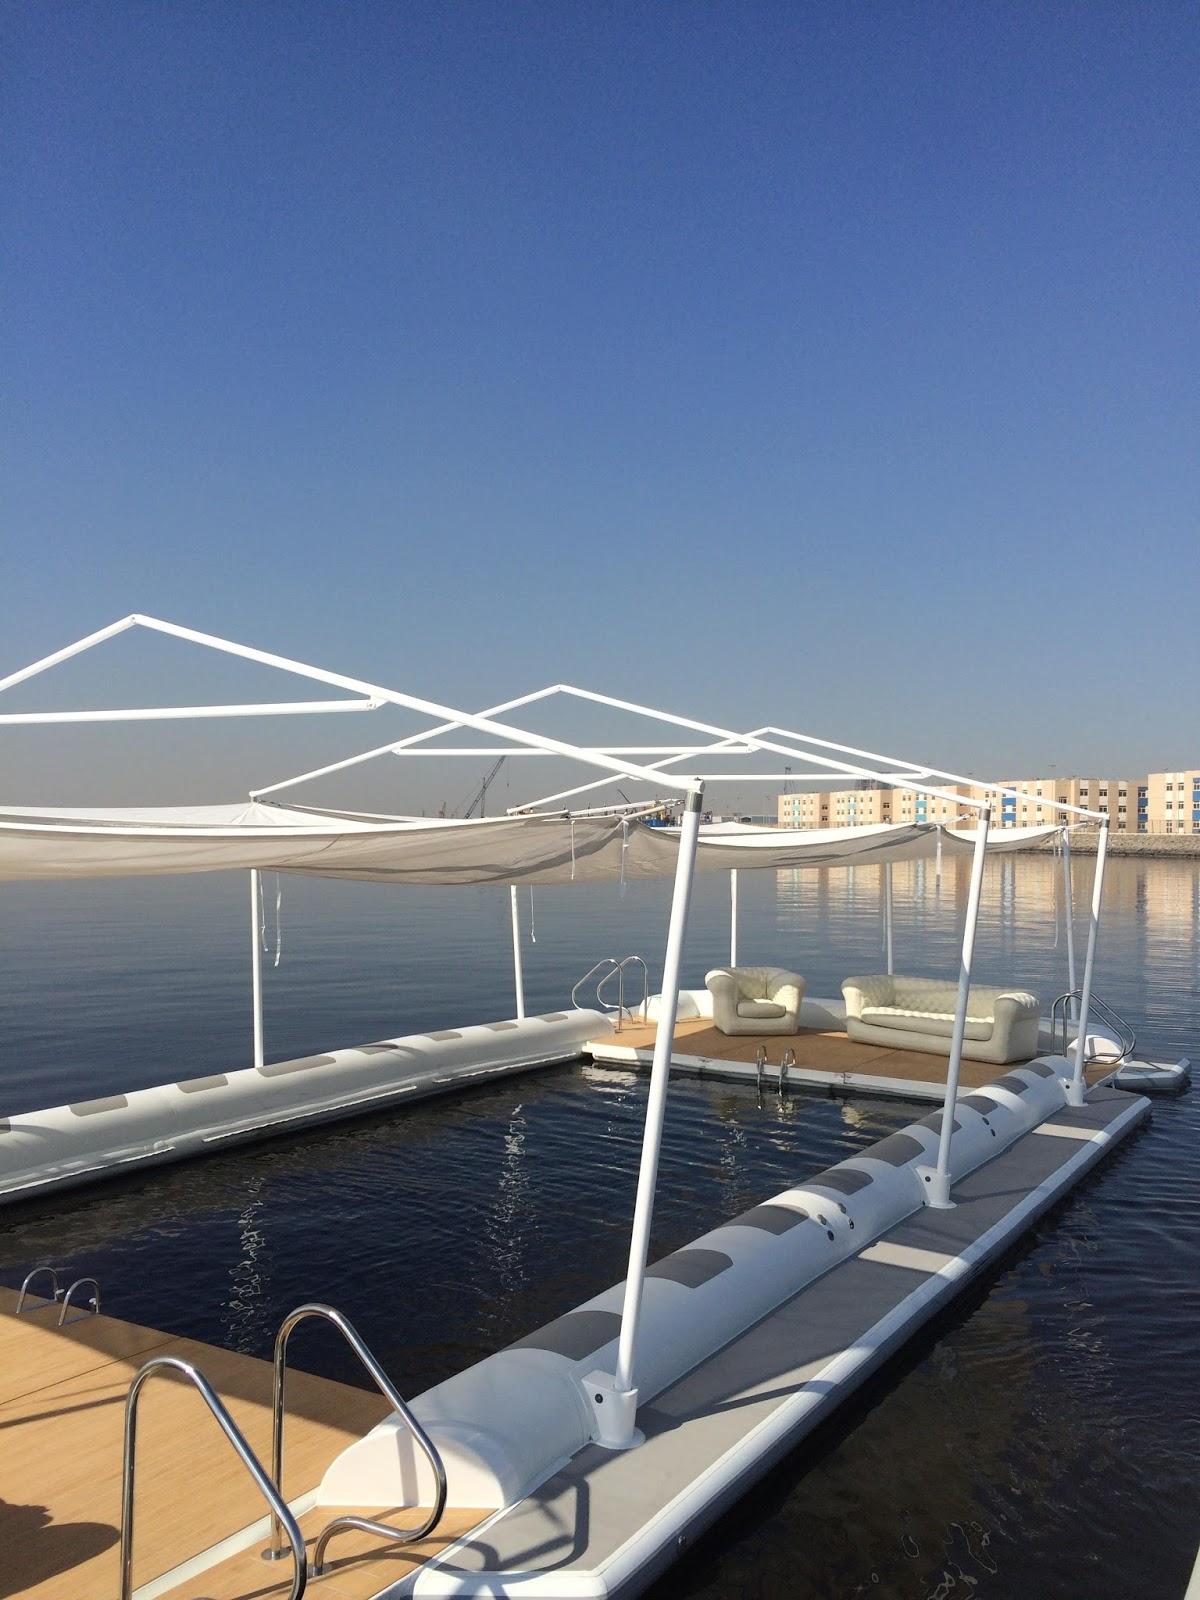 Piattaforme marine gonfiabili con piscina a mare coperture gonfiabili e altri gonfiabili - Gonfiabili con piscina ...